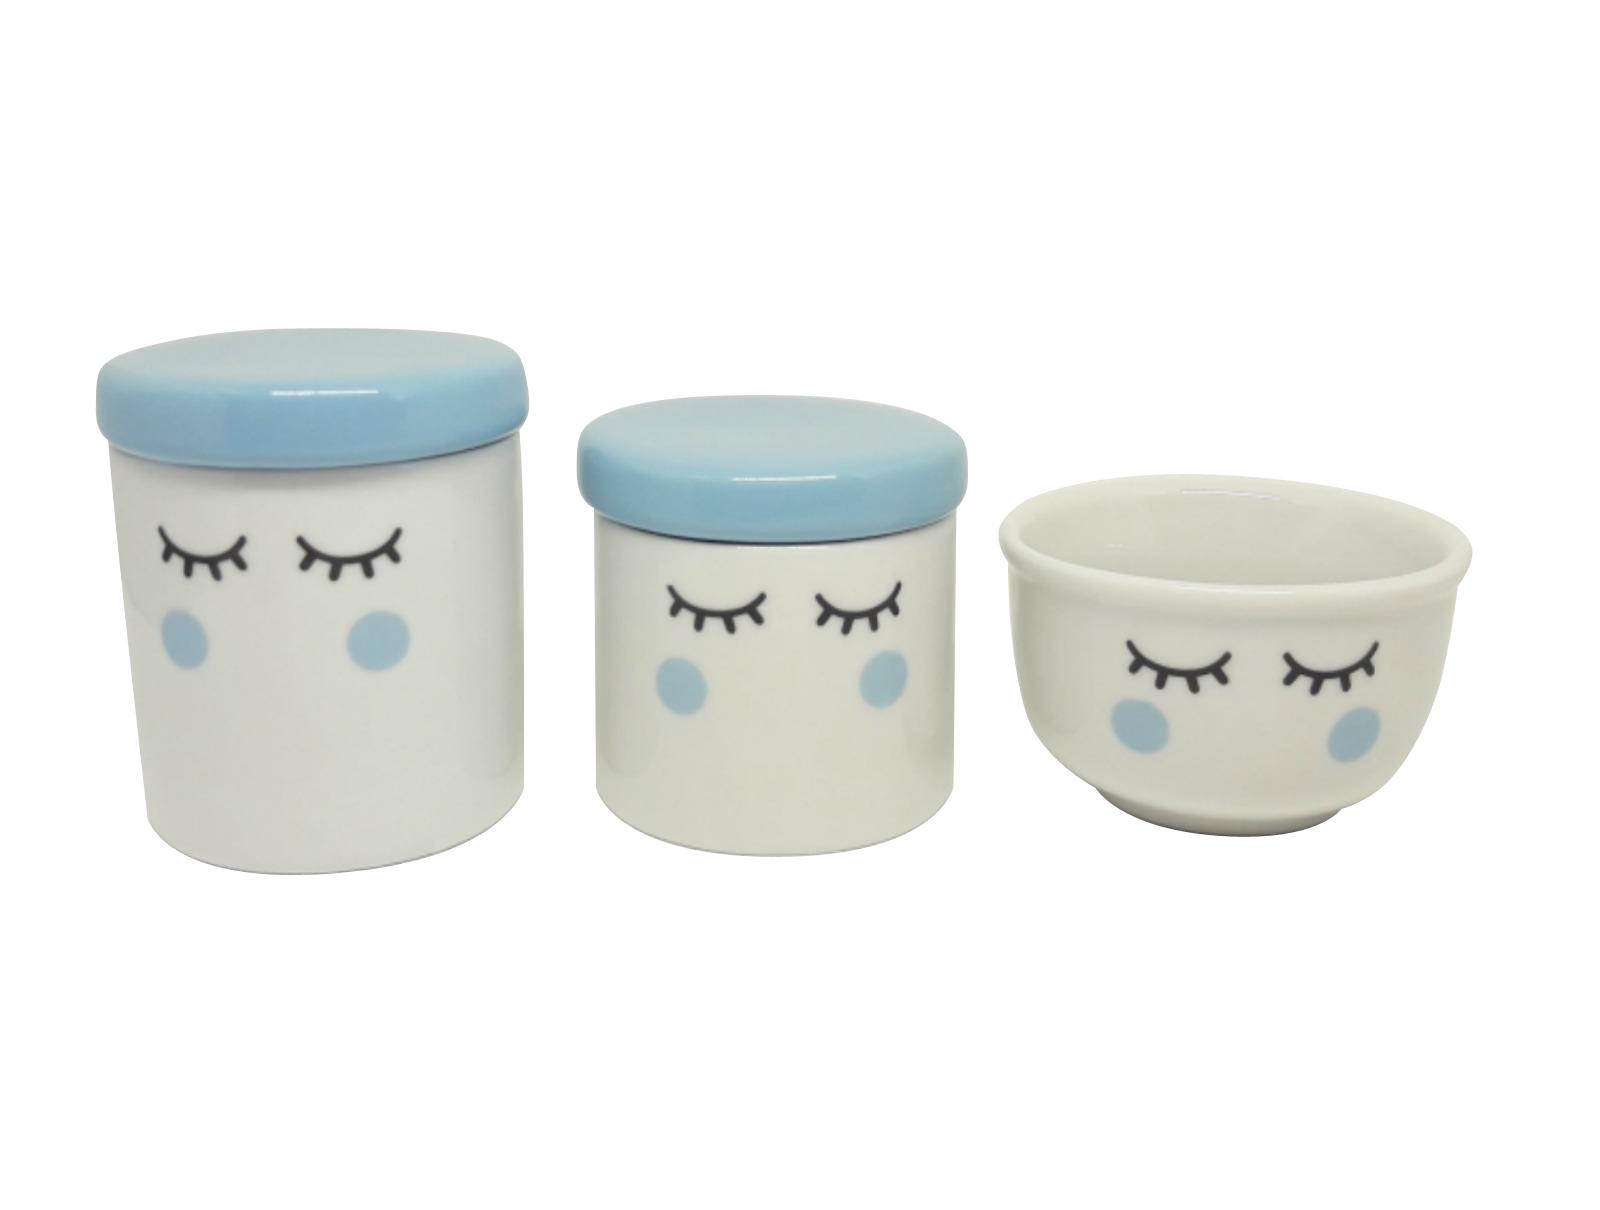 Kit Higiene Bebê Porcelana | Olhinhos Cílios | Tampas e Bochechas azuis | 3 peças | Azul